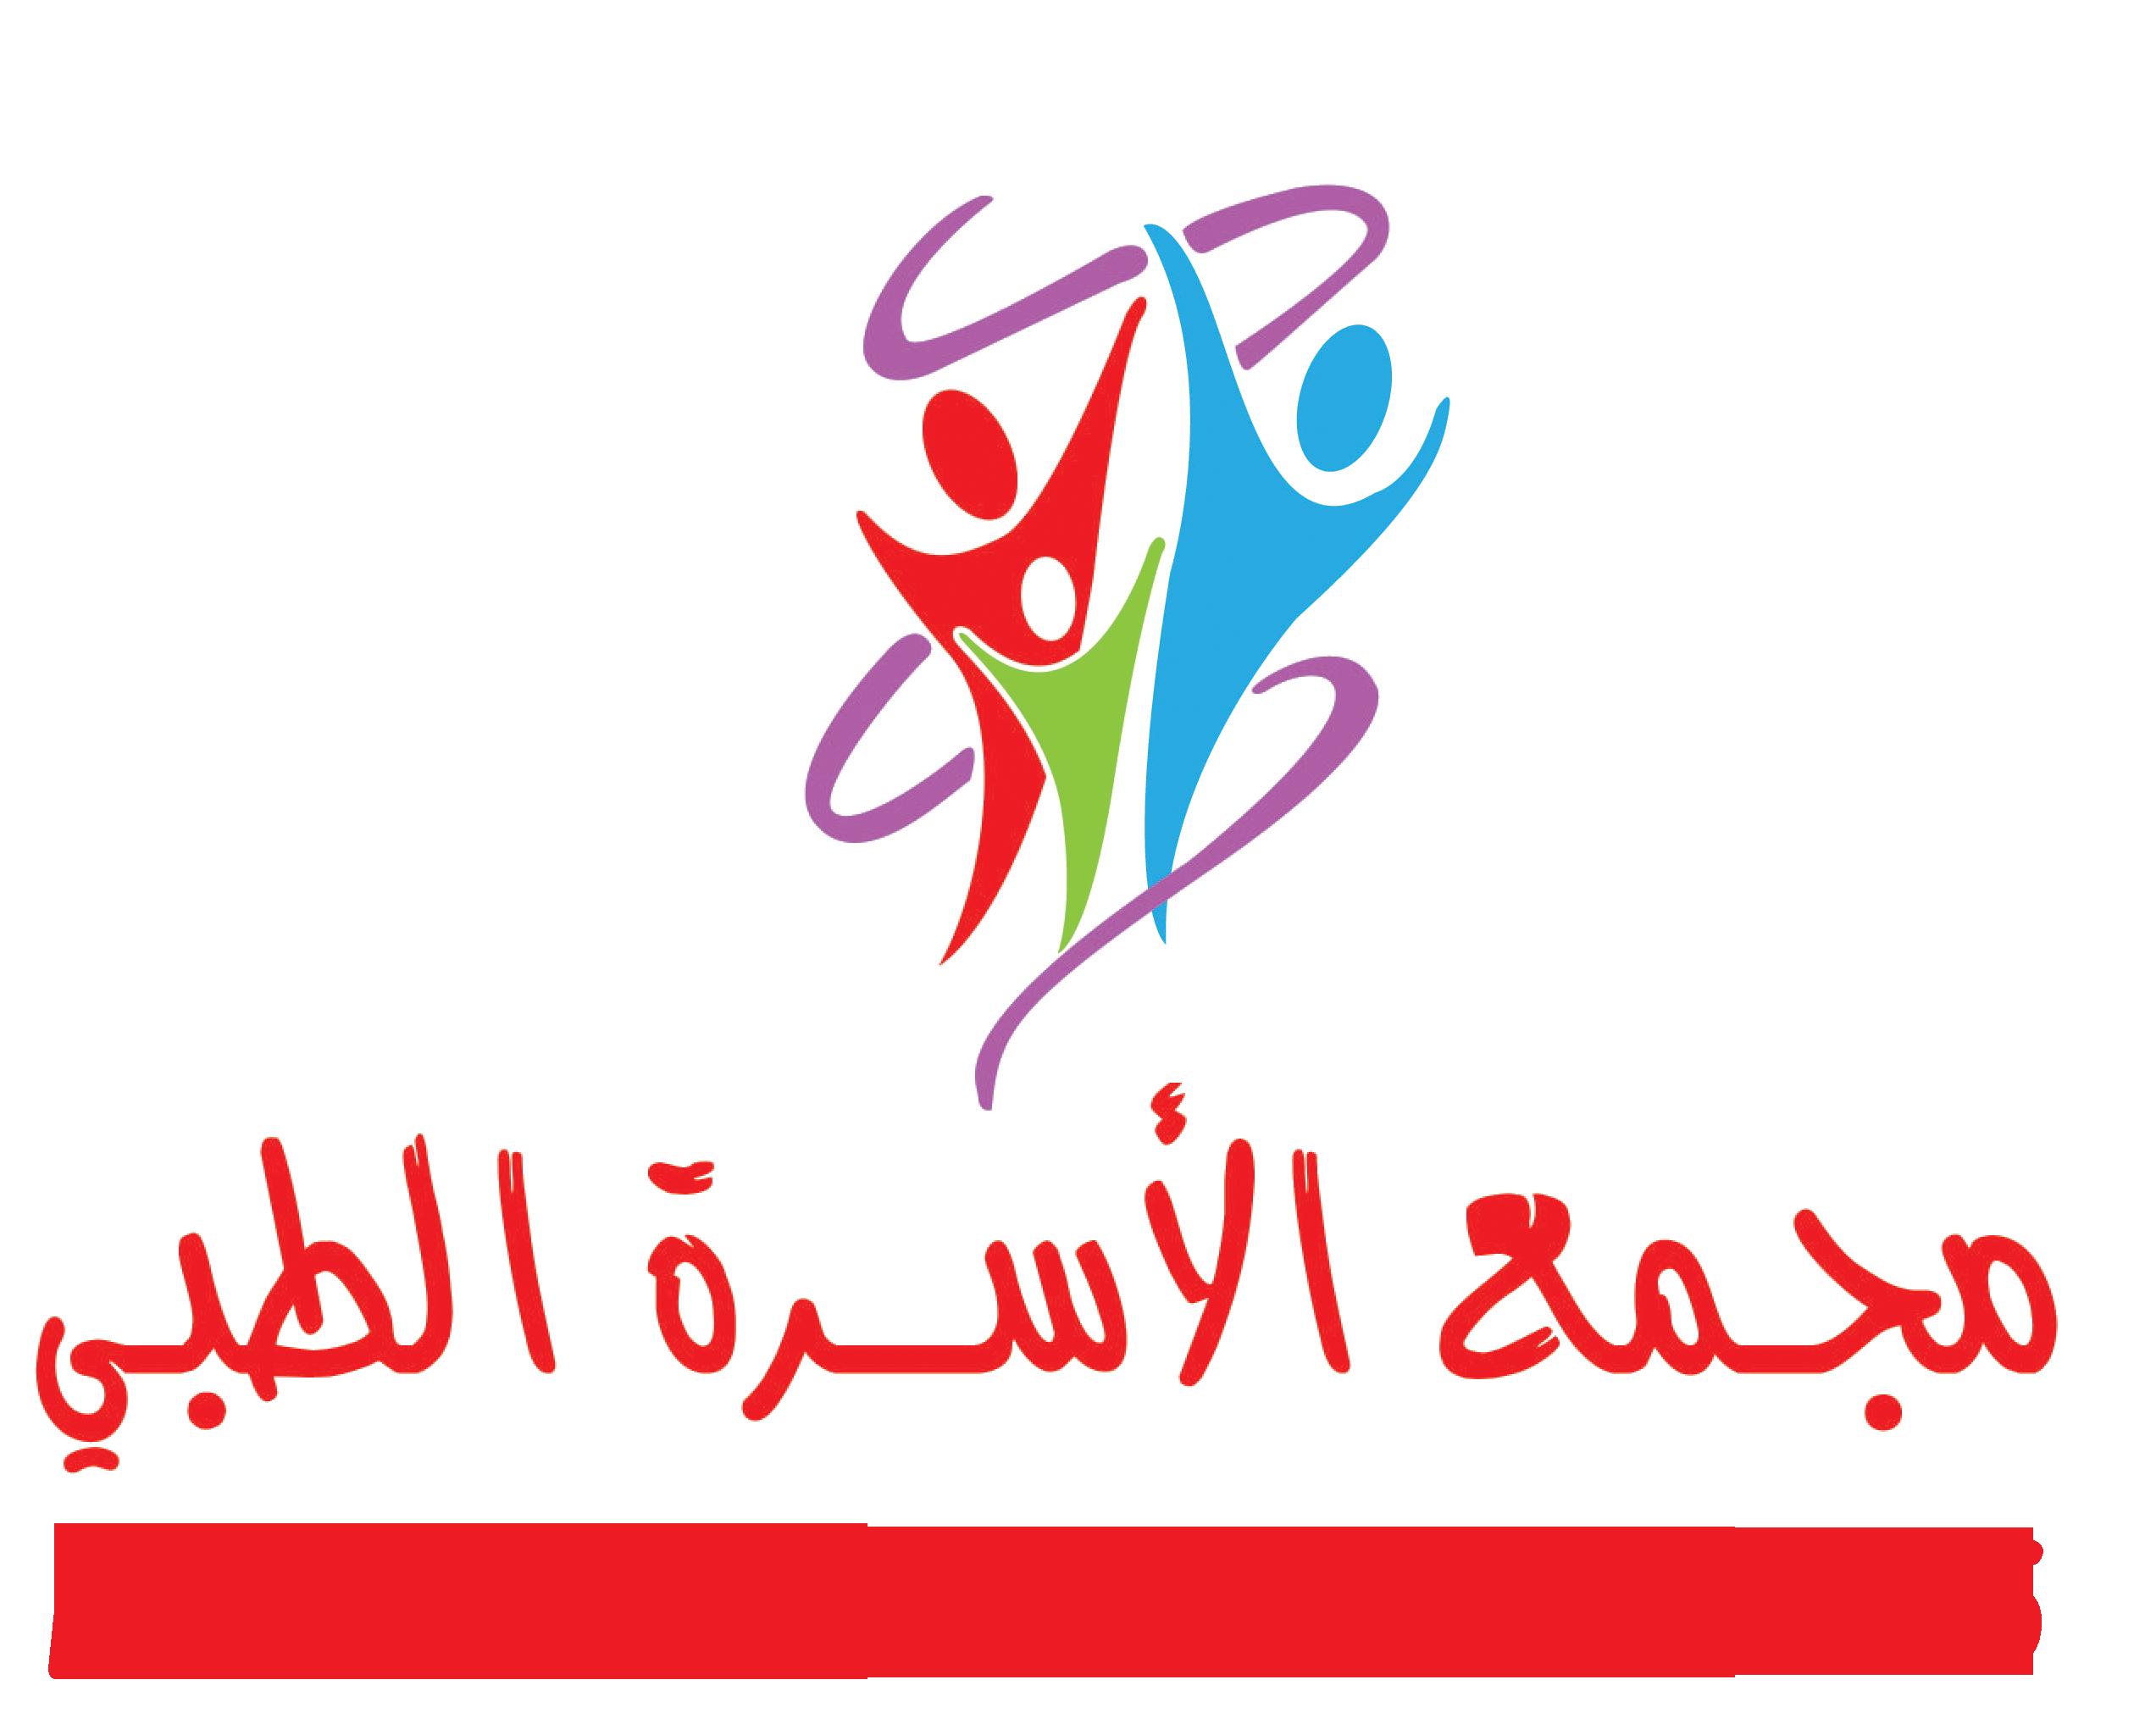 FAMILY MEDICAL POLYCLINICS LOGO DOHA QATAR